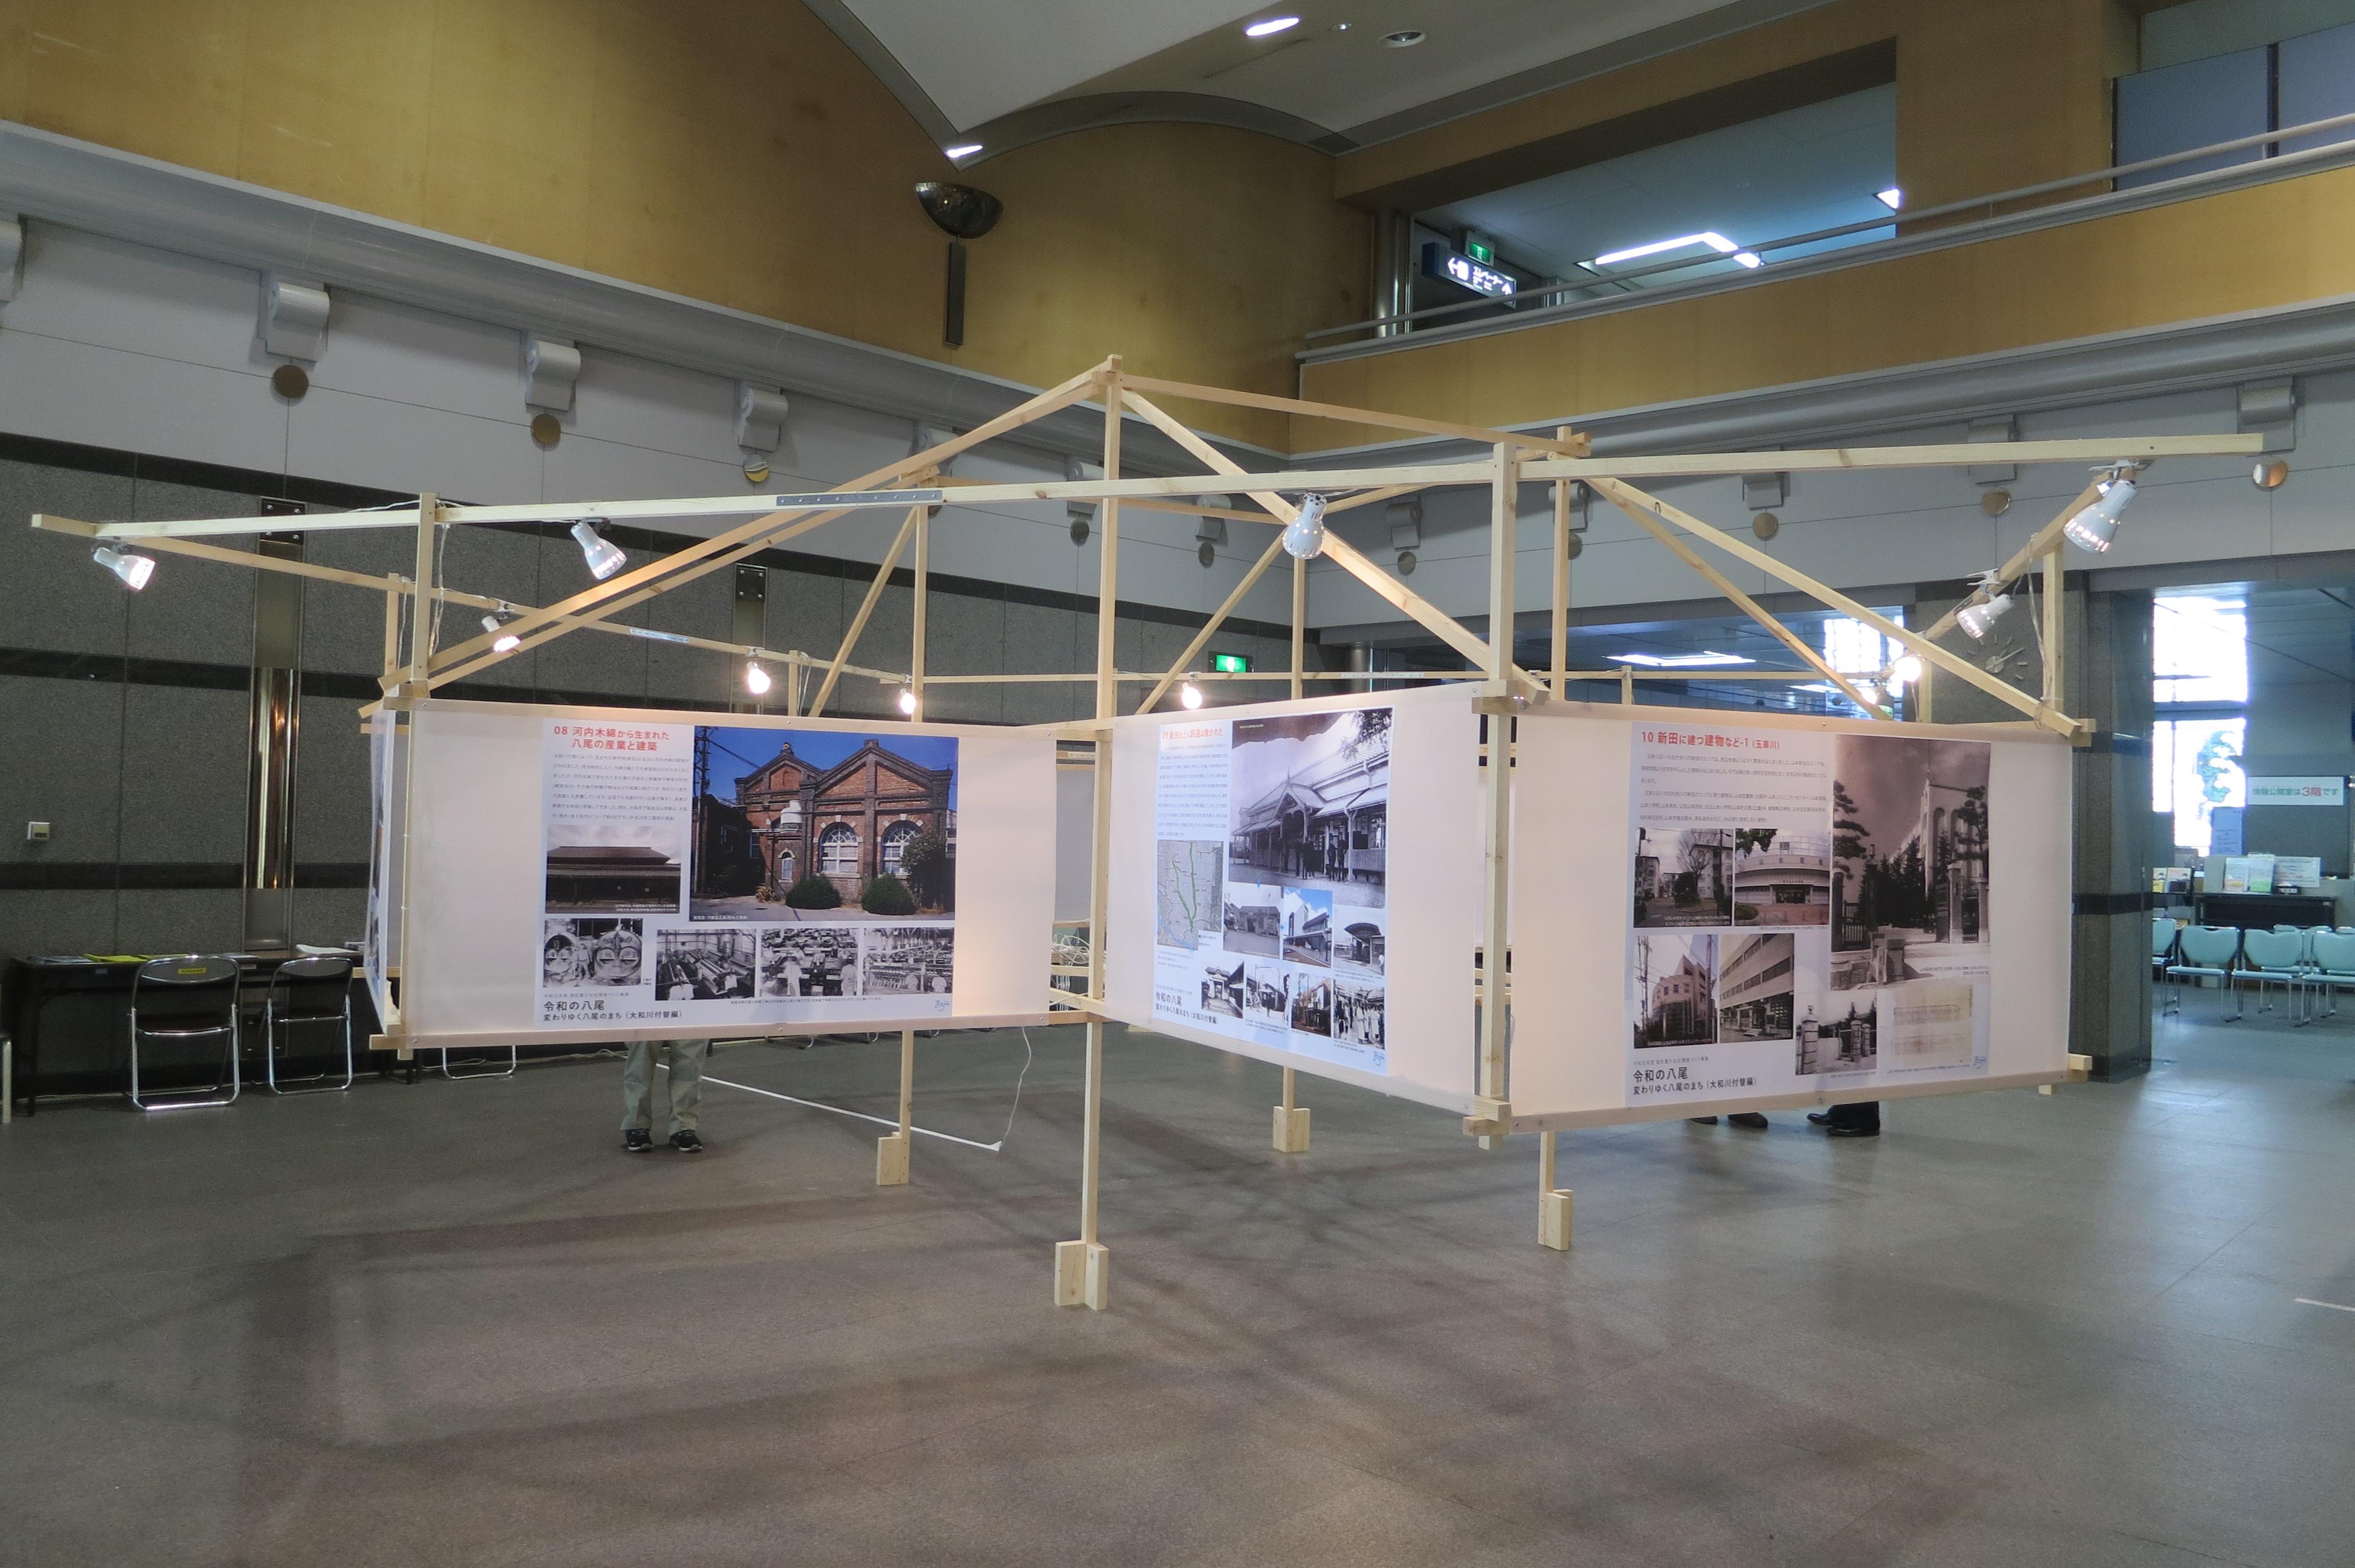 200218 八尾市 市民ロビーでの展示